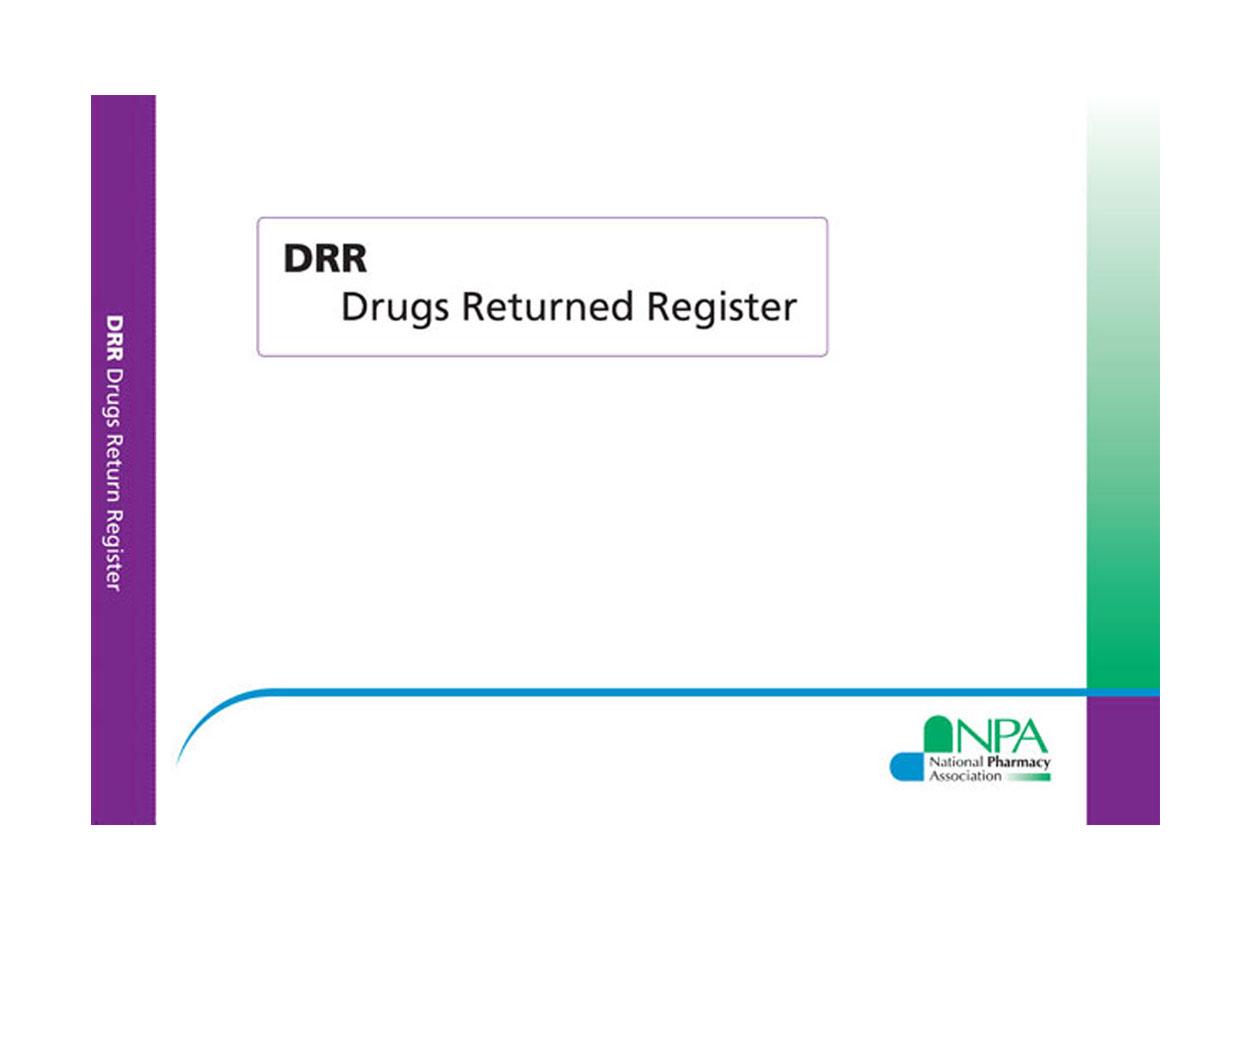 NPA Drugs Returned Register